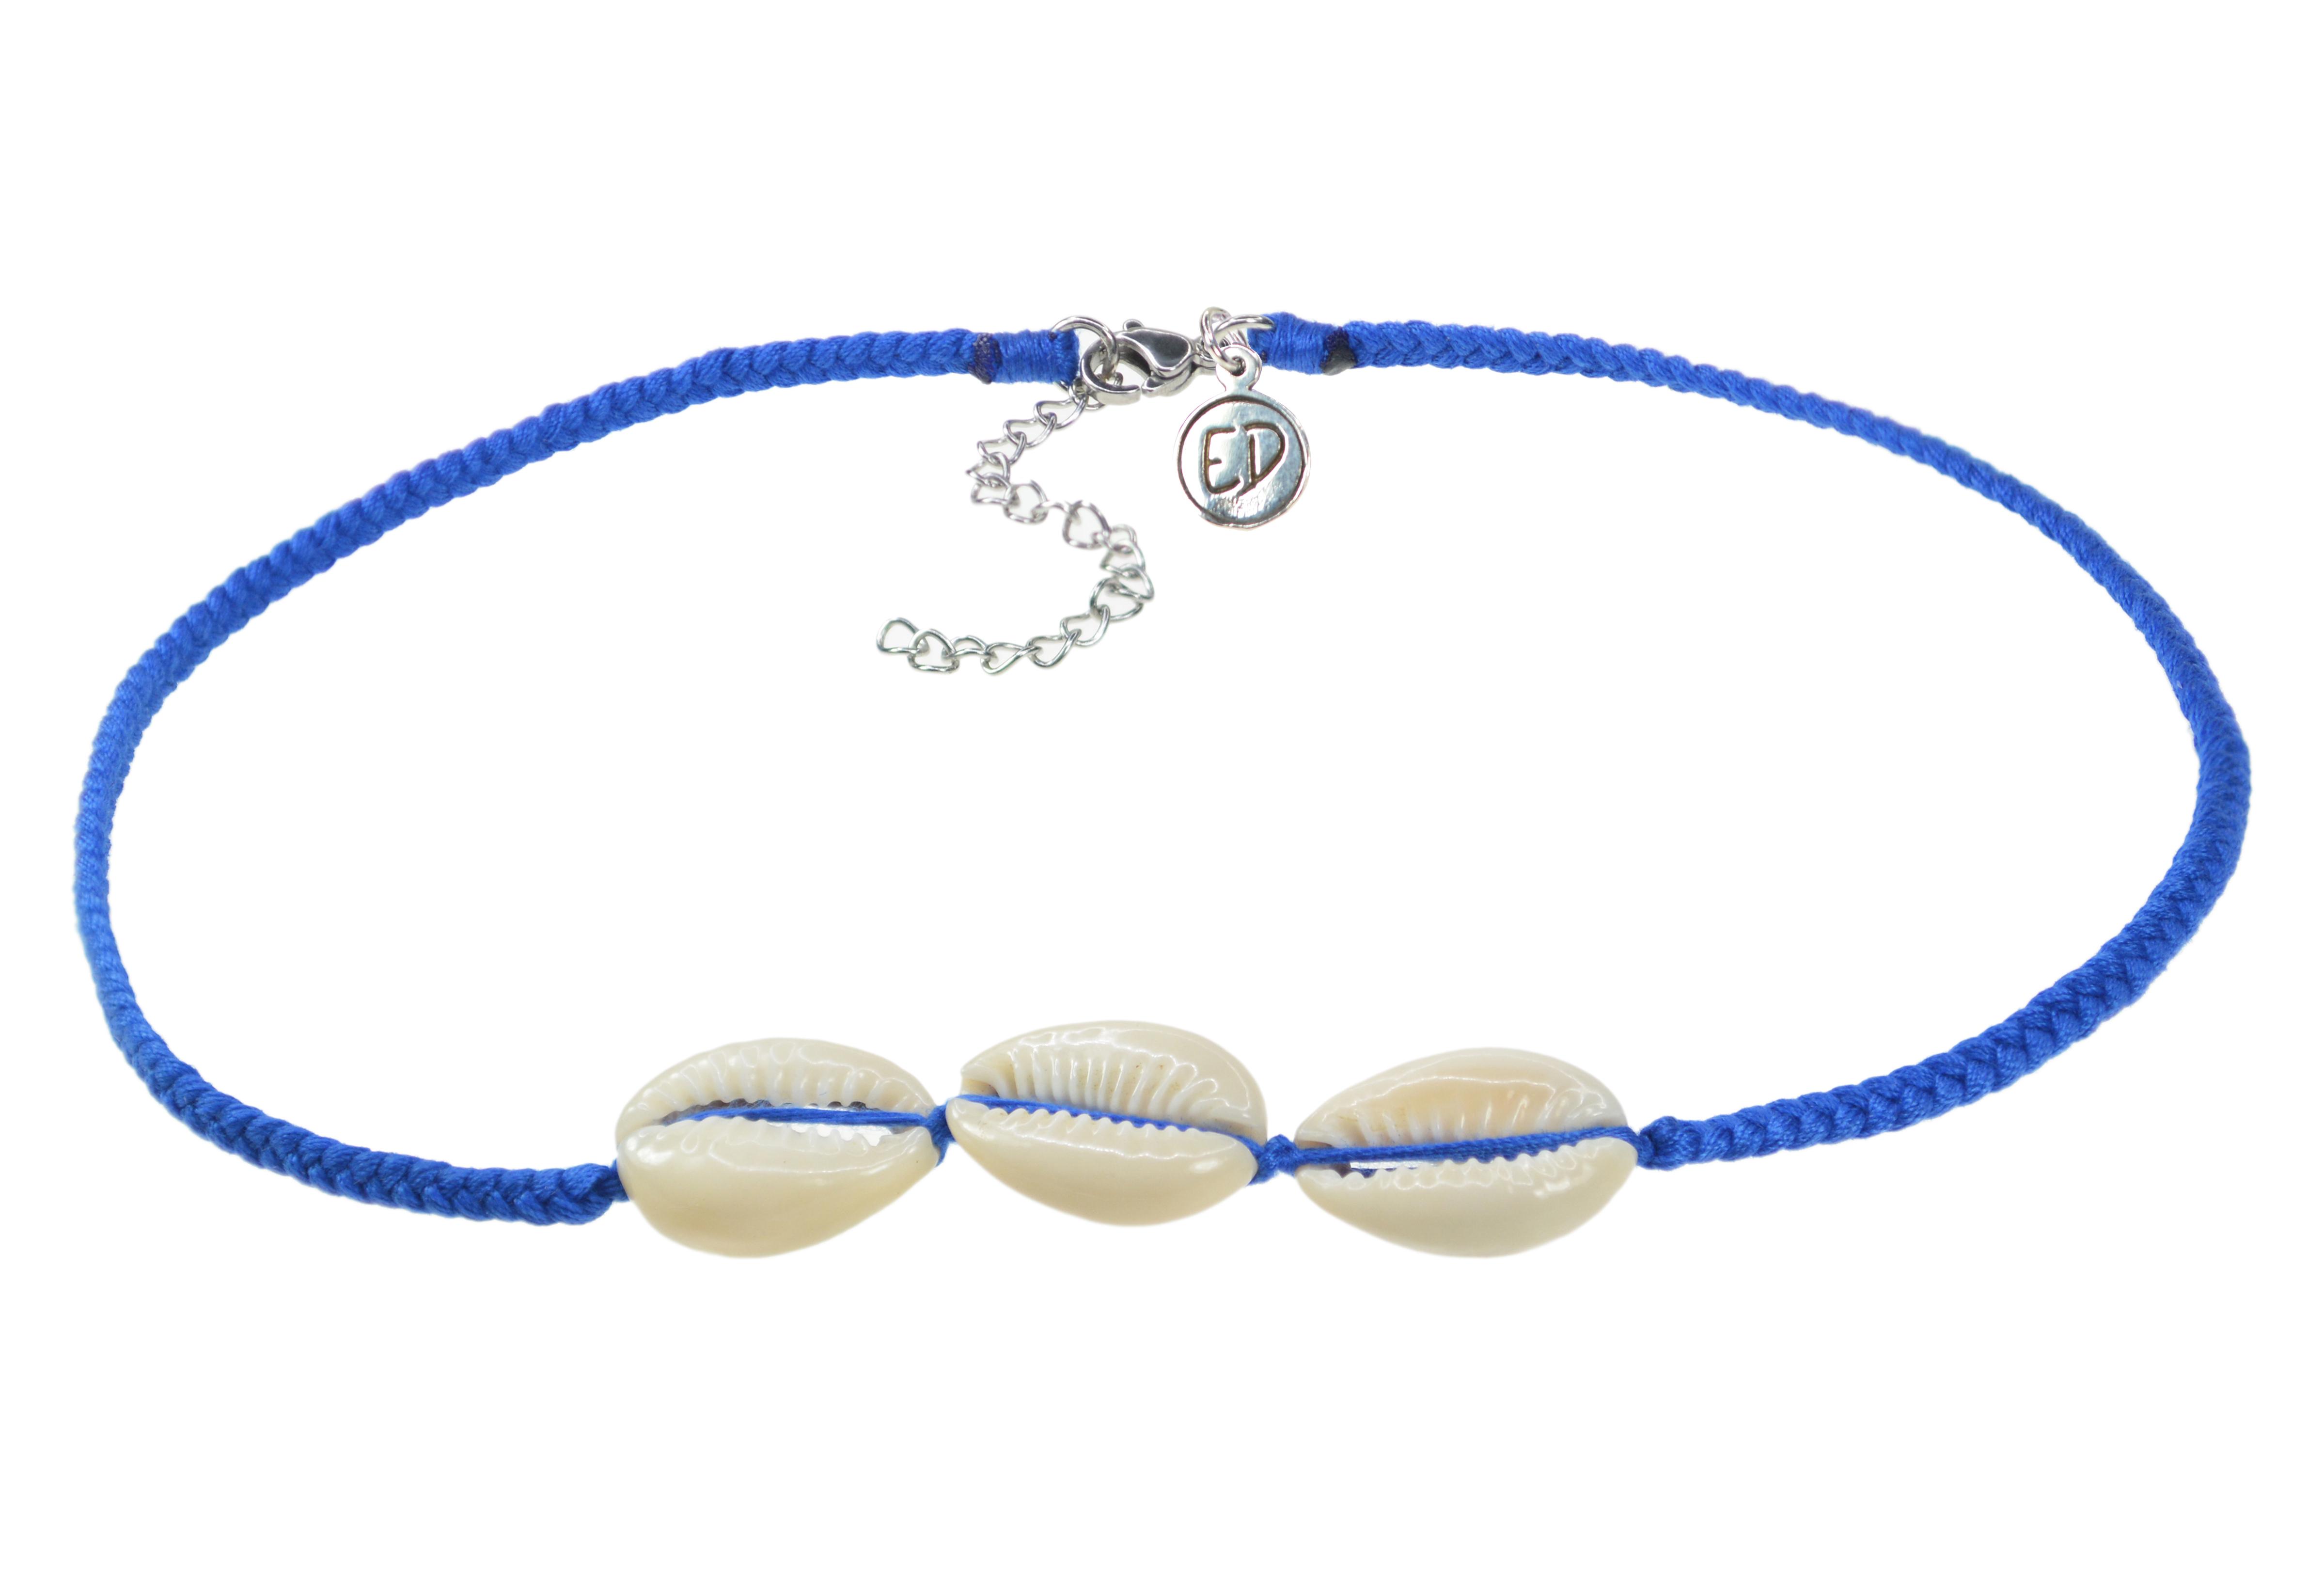 Dámsky ručne pletený náhrdelník  s tromi mušľami - Ultramarine